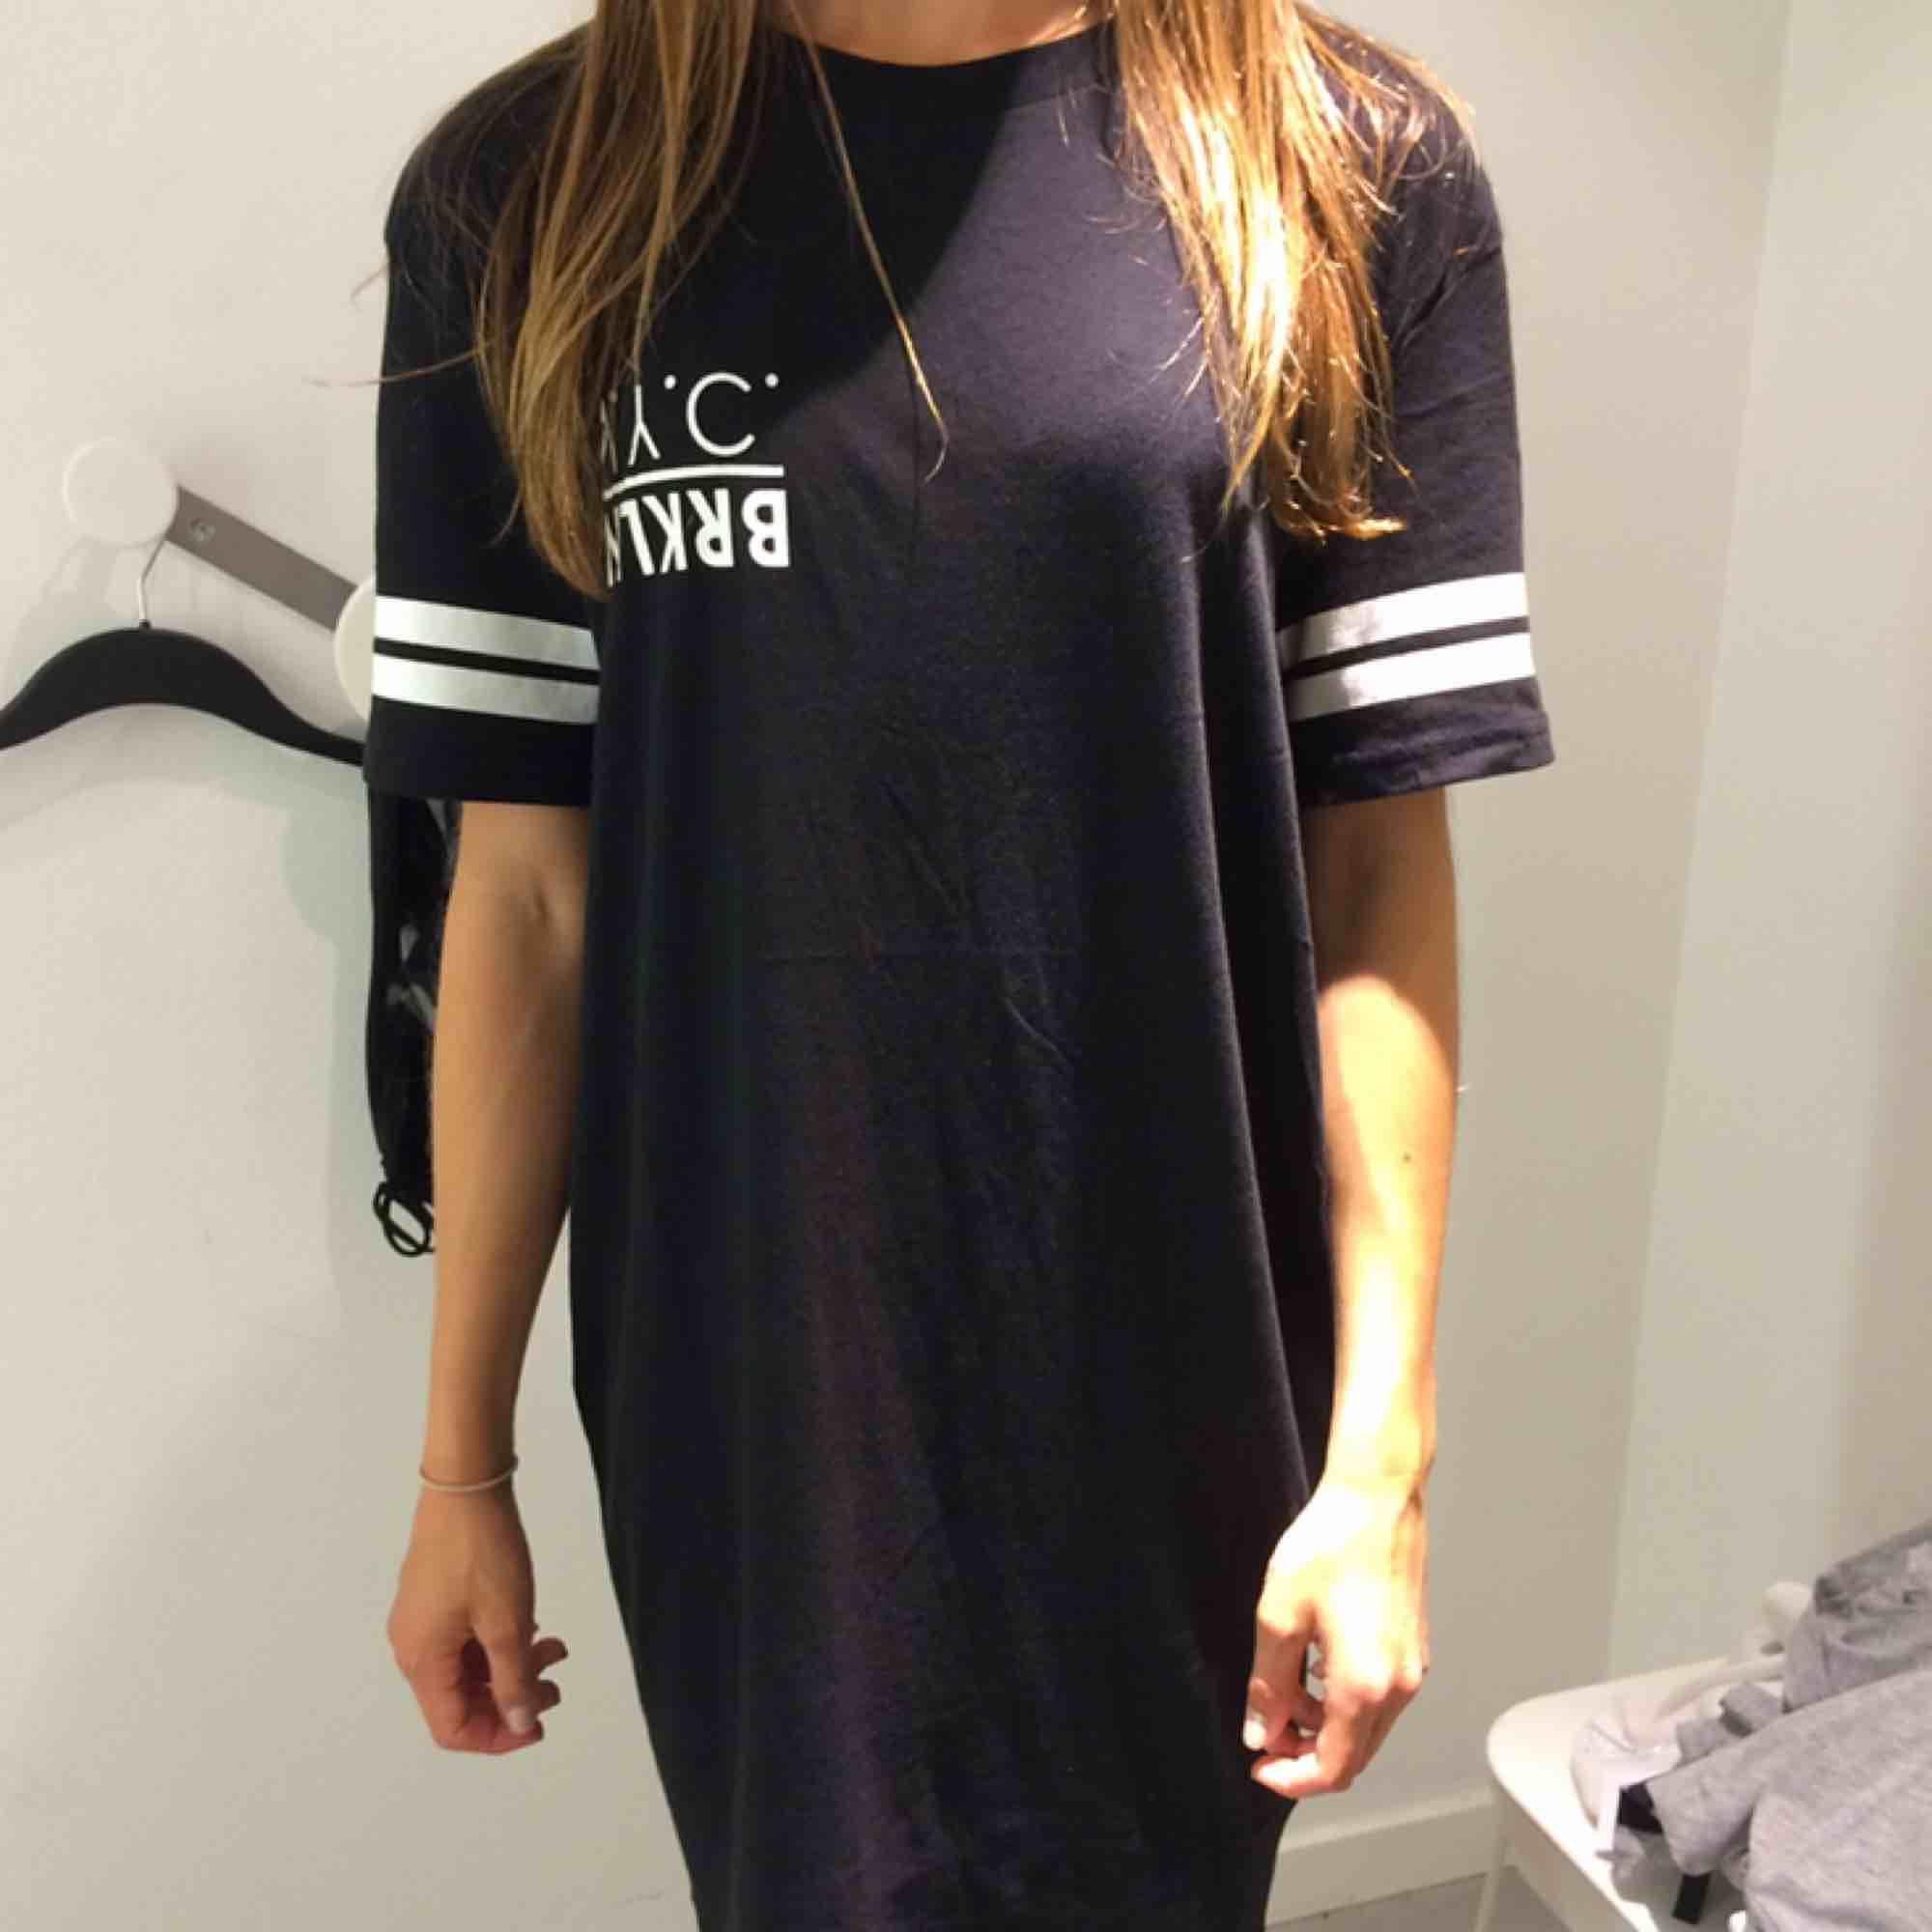 Snygg T-shirt-klänning som är perfekt till hösten att styla med ett par boots och en oversized jacka 🖤 köparen står för frakten. Klänningar.